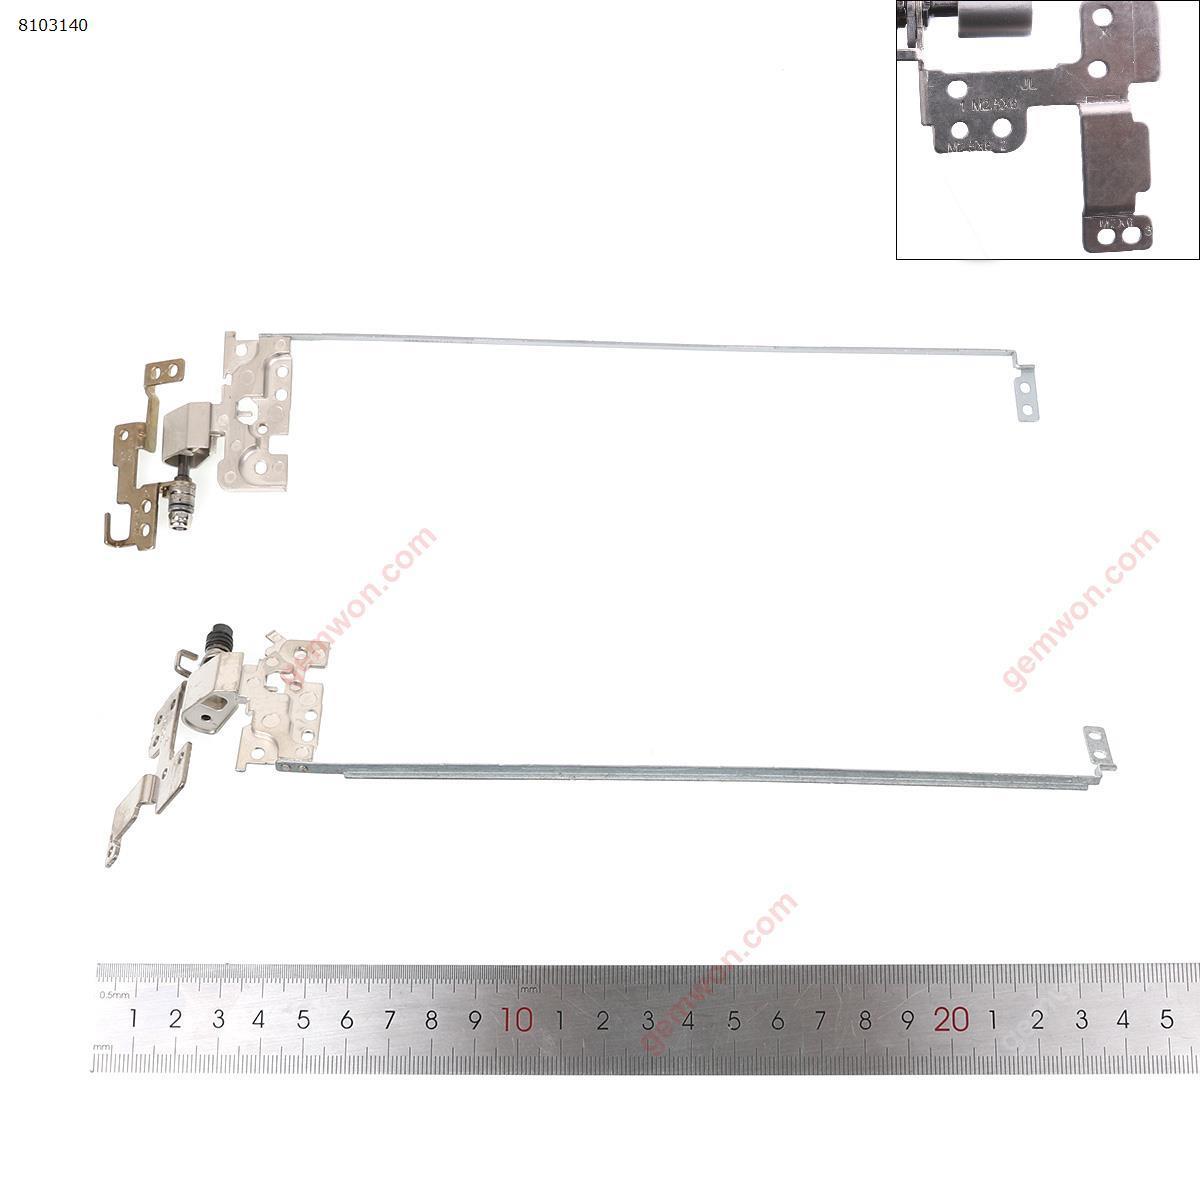 Lenovo U31-70 E31 E31-40 E31-70 E31-80 Laptop Hinge AM1BM000400 AM1BM000500